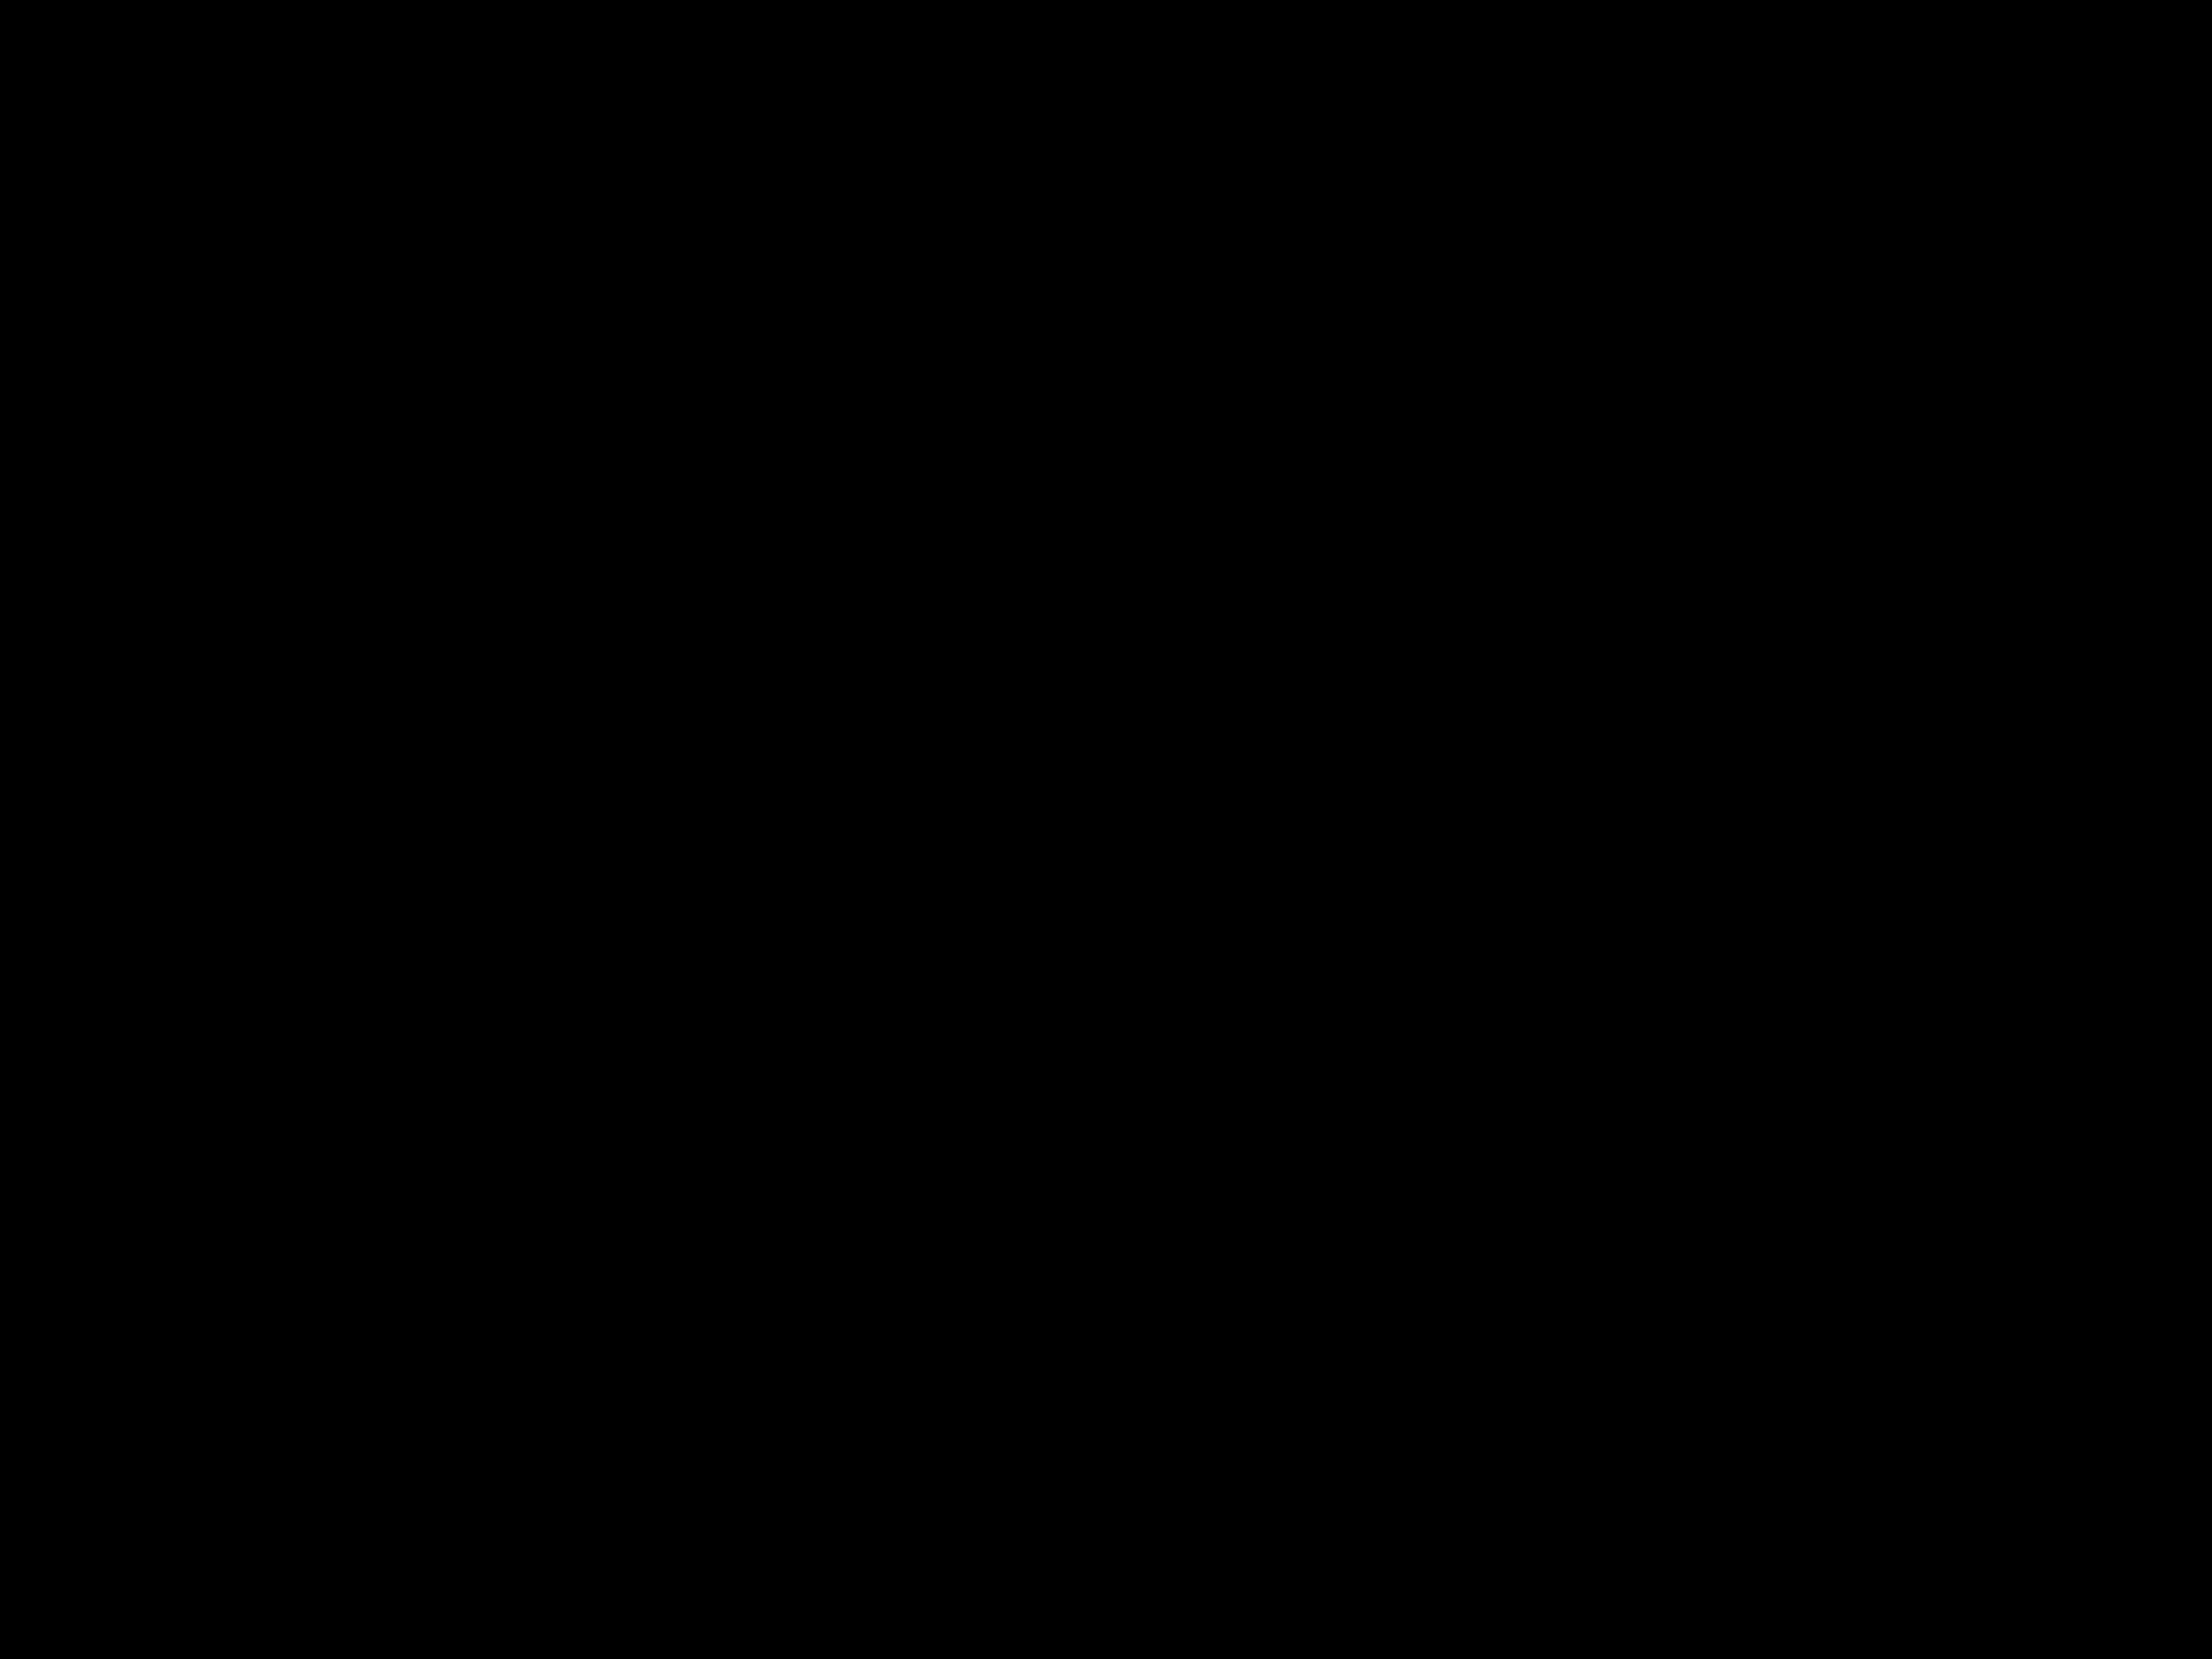 DSCF5433